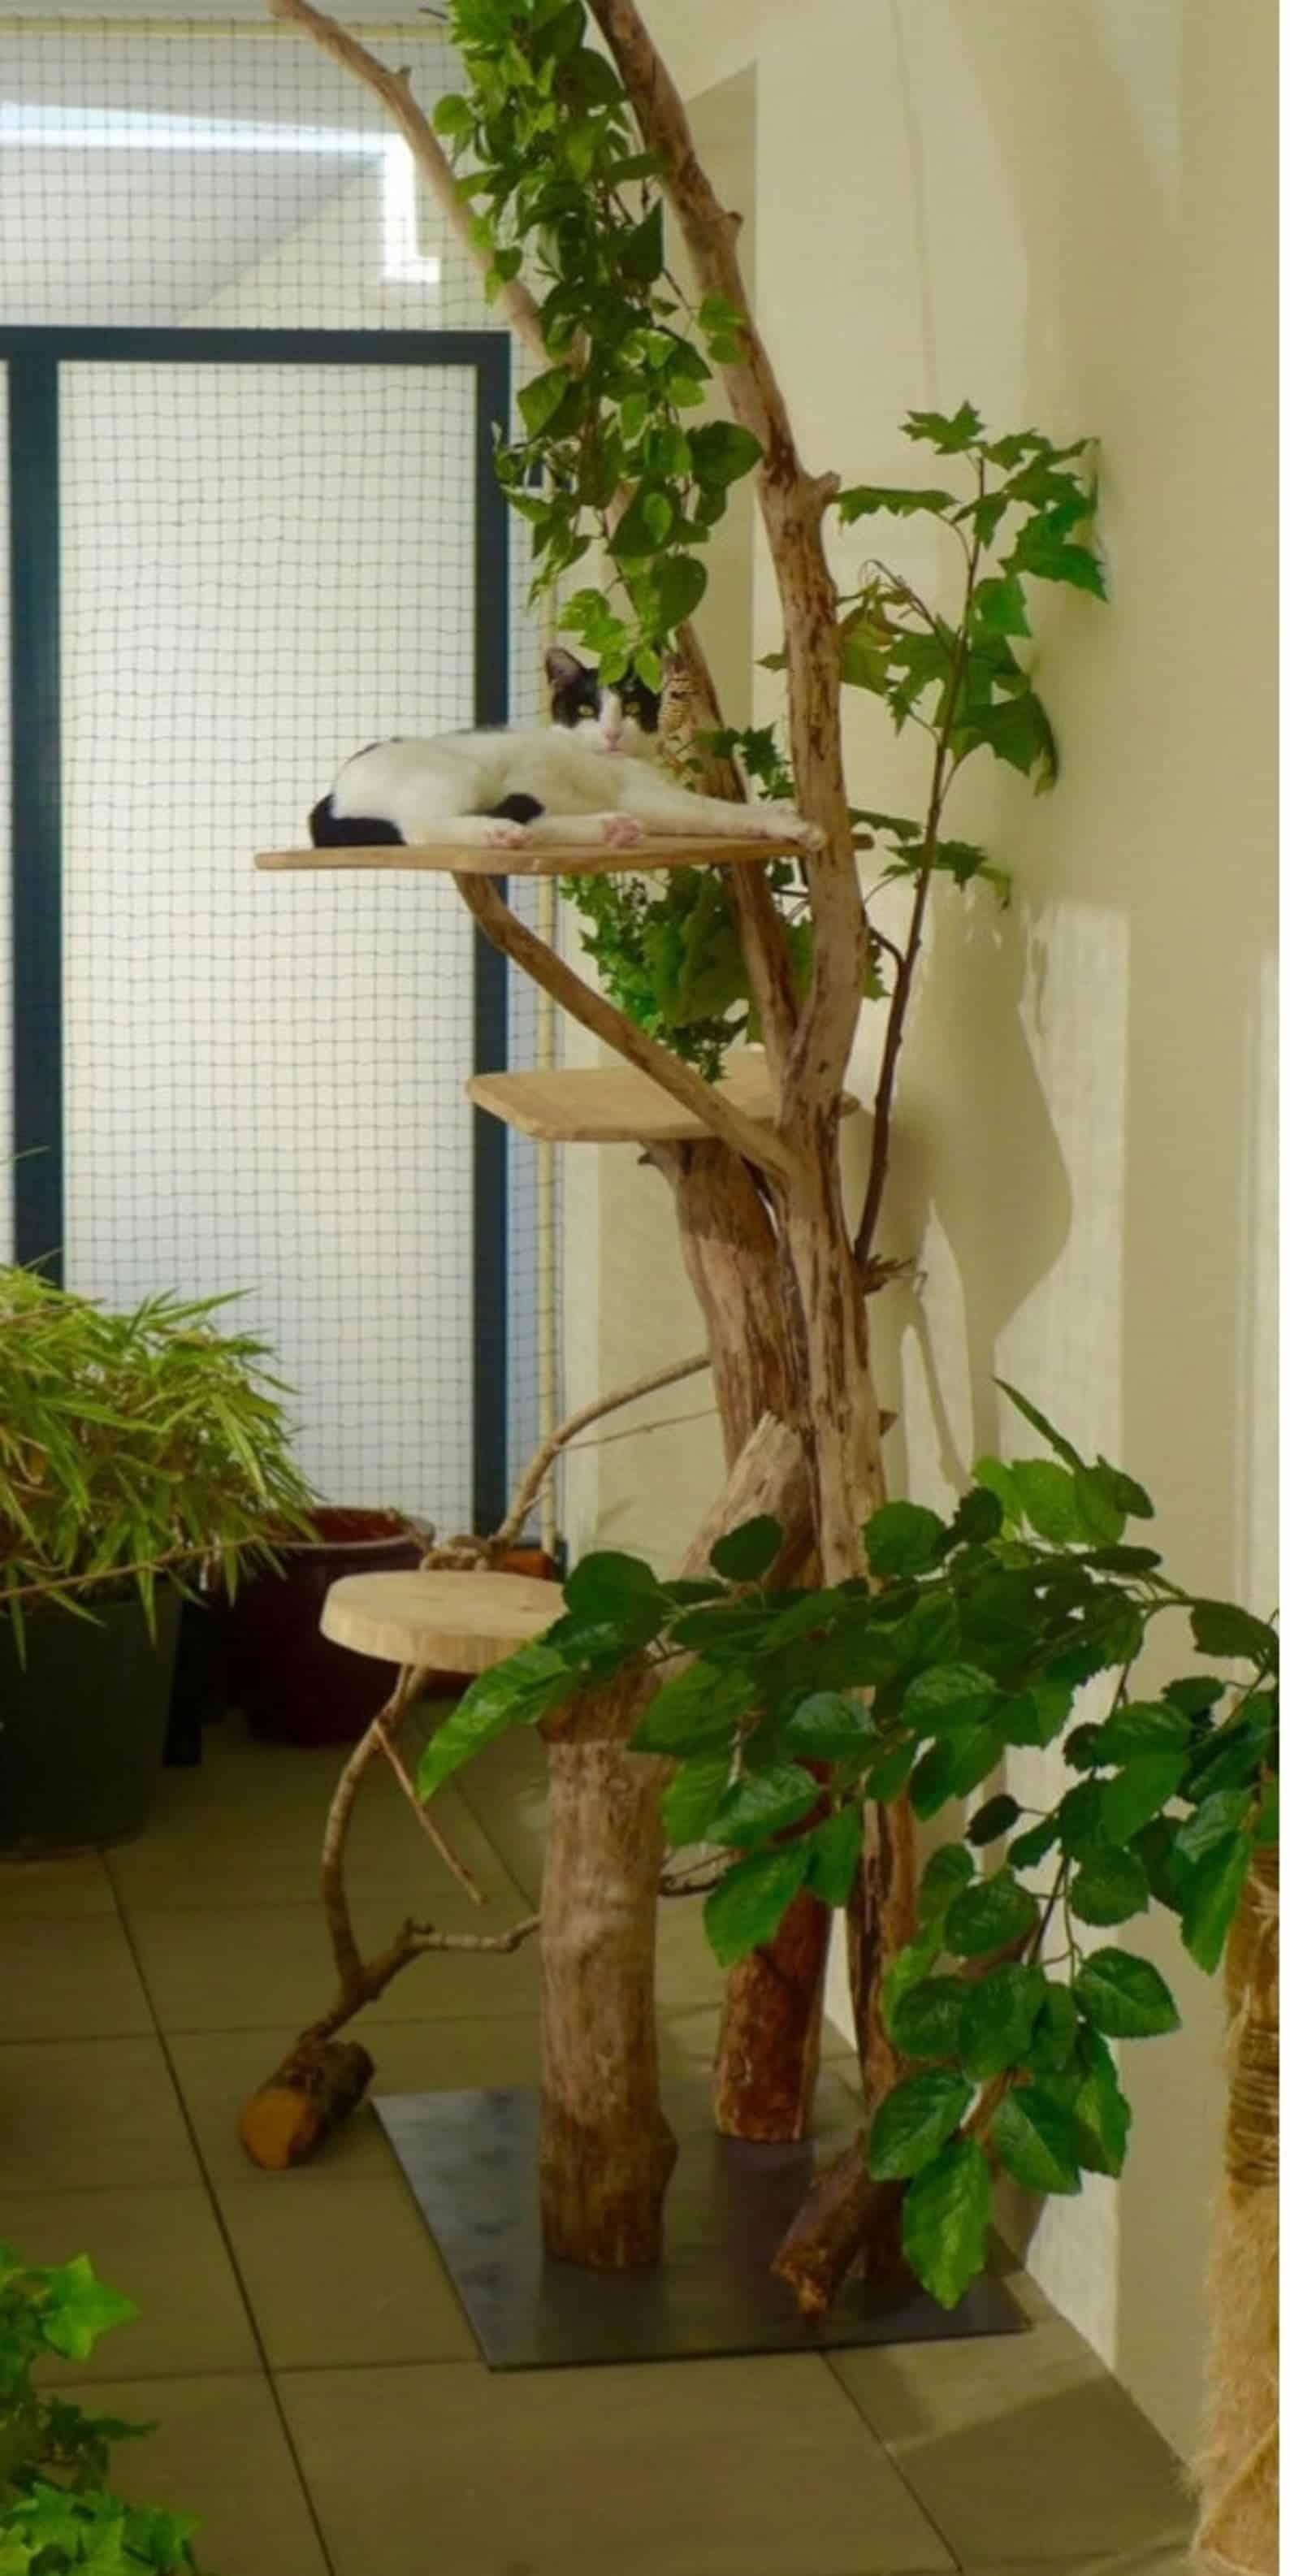 arbre-a-chat-france-bois-flotte-feuilles-branche